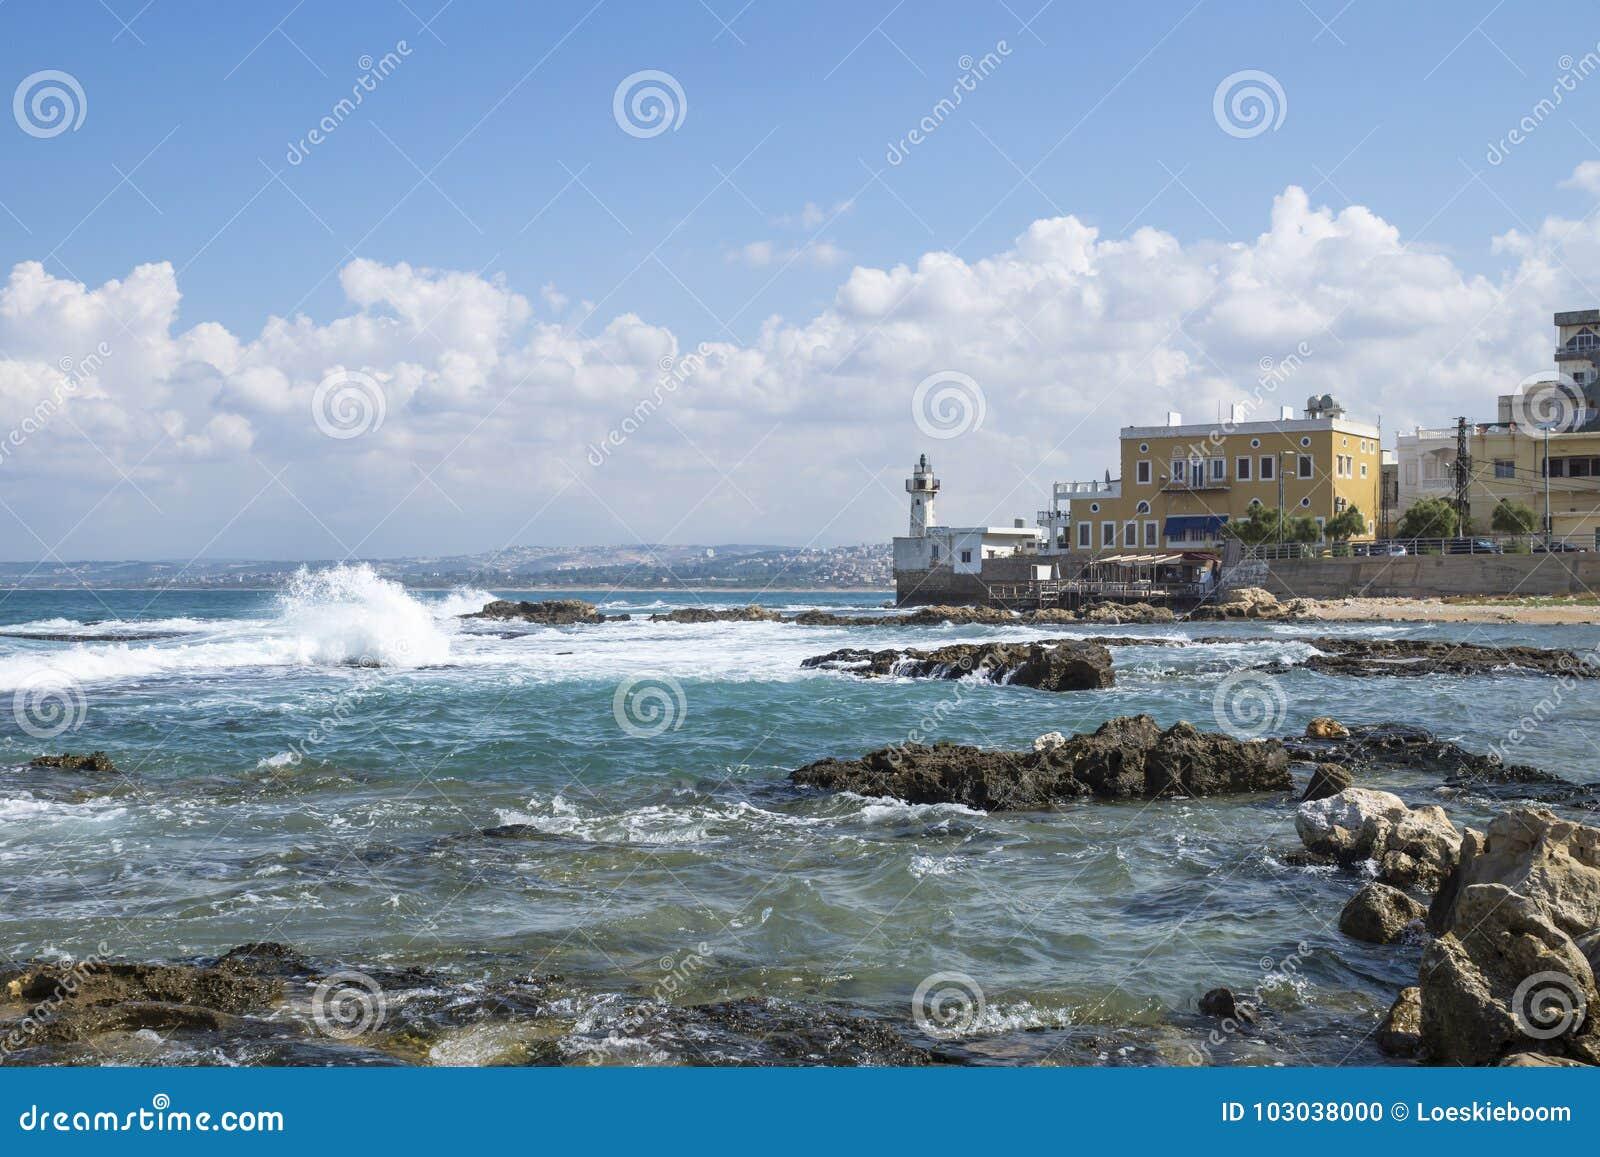 Küstenlinie im Reifen in dem Ozean mit Wellen und mit Leuchtturm im Reifen, sauer, der Libanon